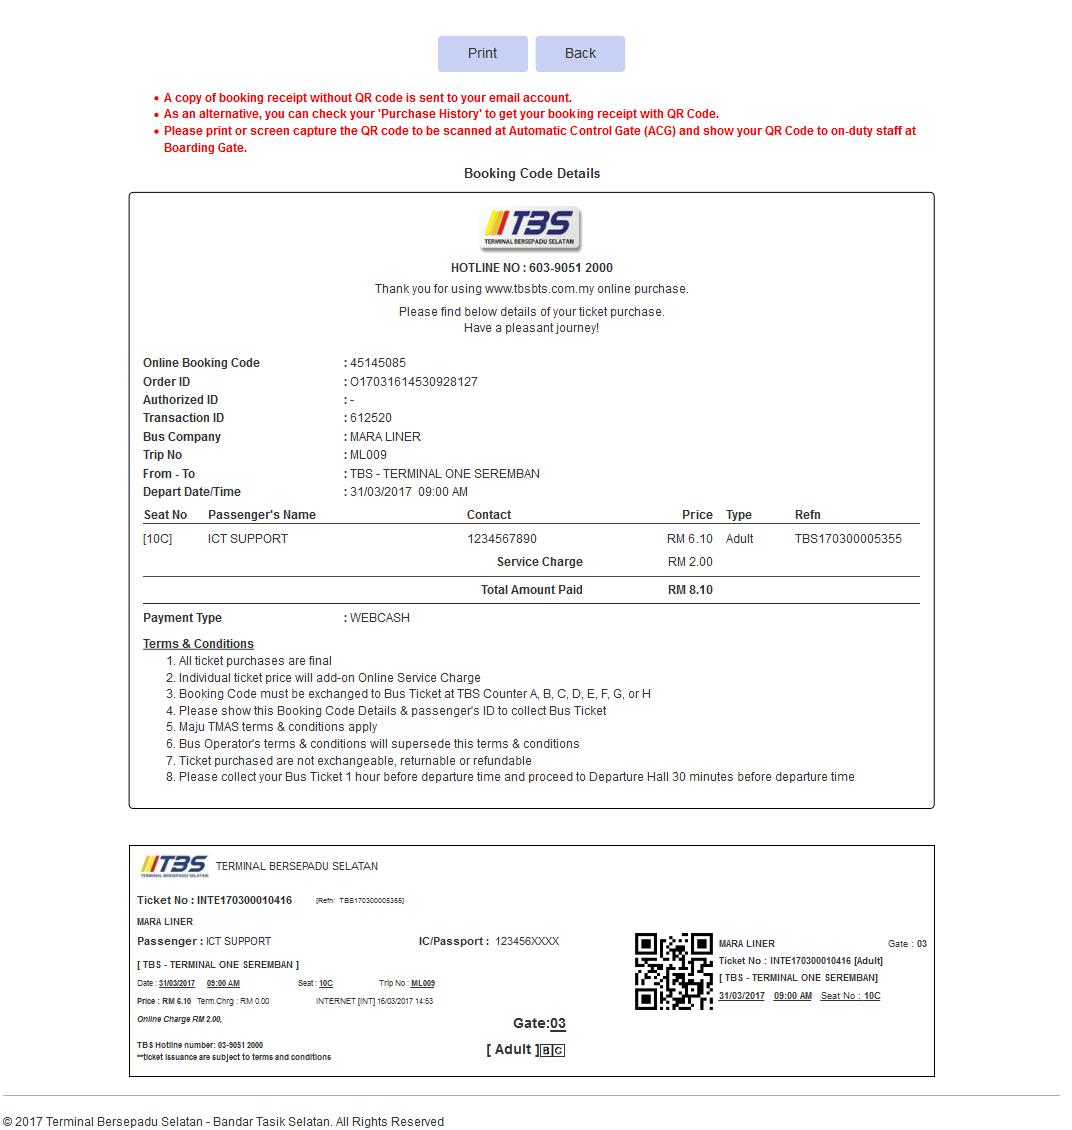 Tbs Bts Malaysia Et Ticket Sunway Lagoon Dewasa Kuala Lumpur Tetingkap Pembayaran Melalui Akaun Bank Akan Tertutup Secara Automatik Manakala Portal E Tiket Menunjukkan Kod Tempahan Atas Talian